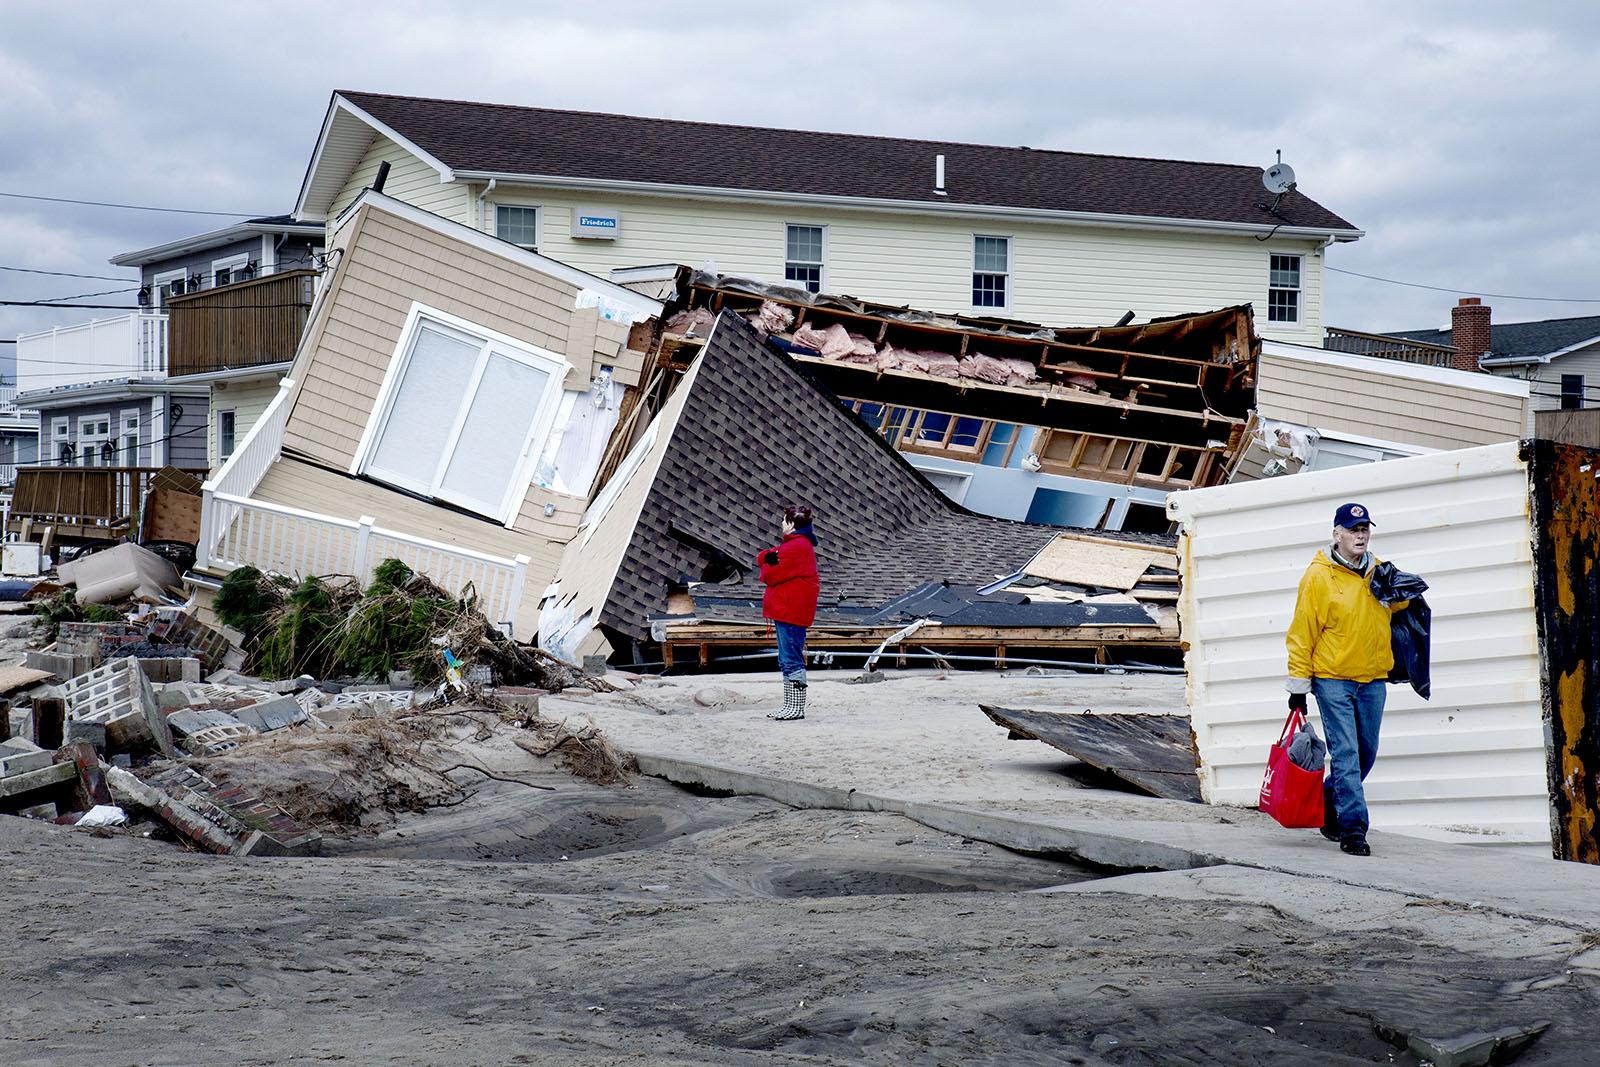 November 2012.Devastation after superstorm Sandy inBreezy Point, NY.